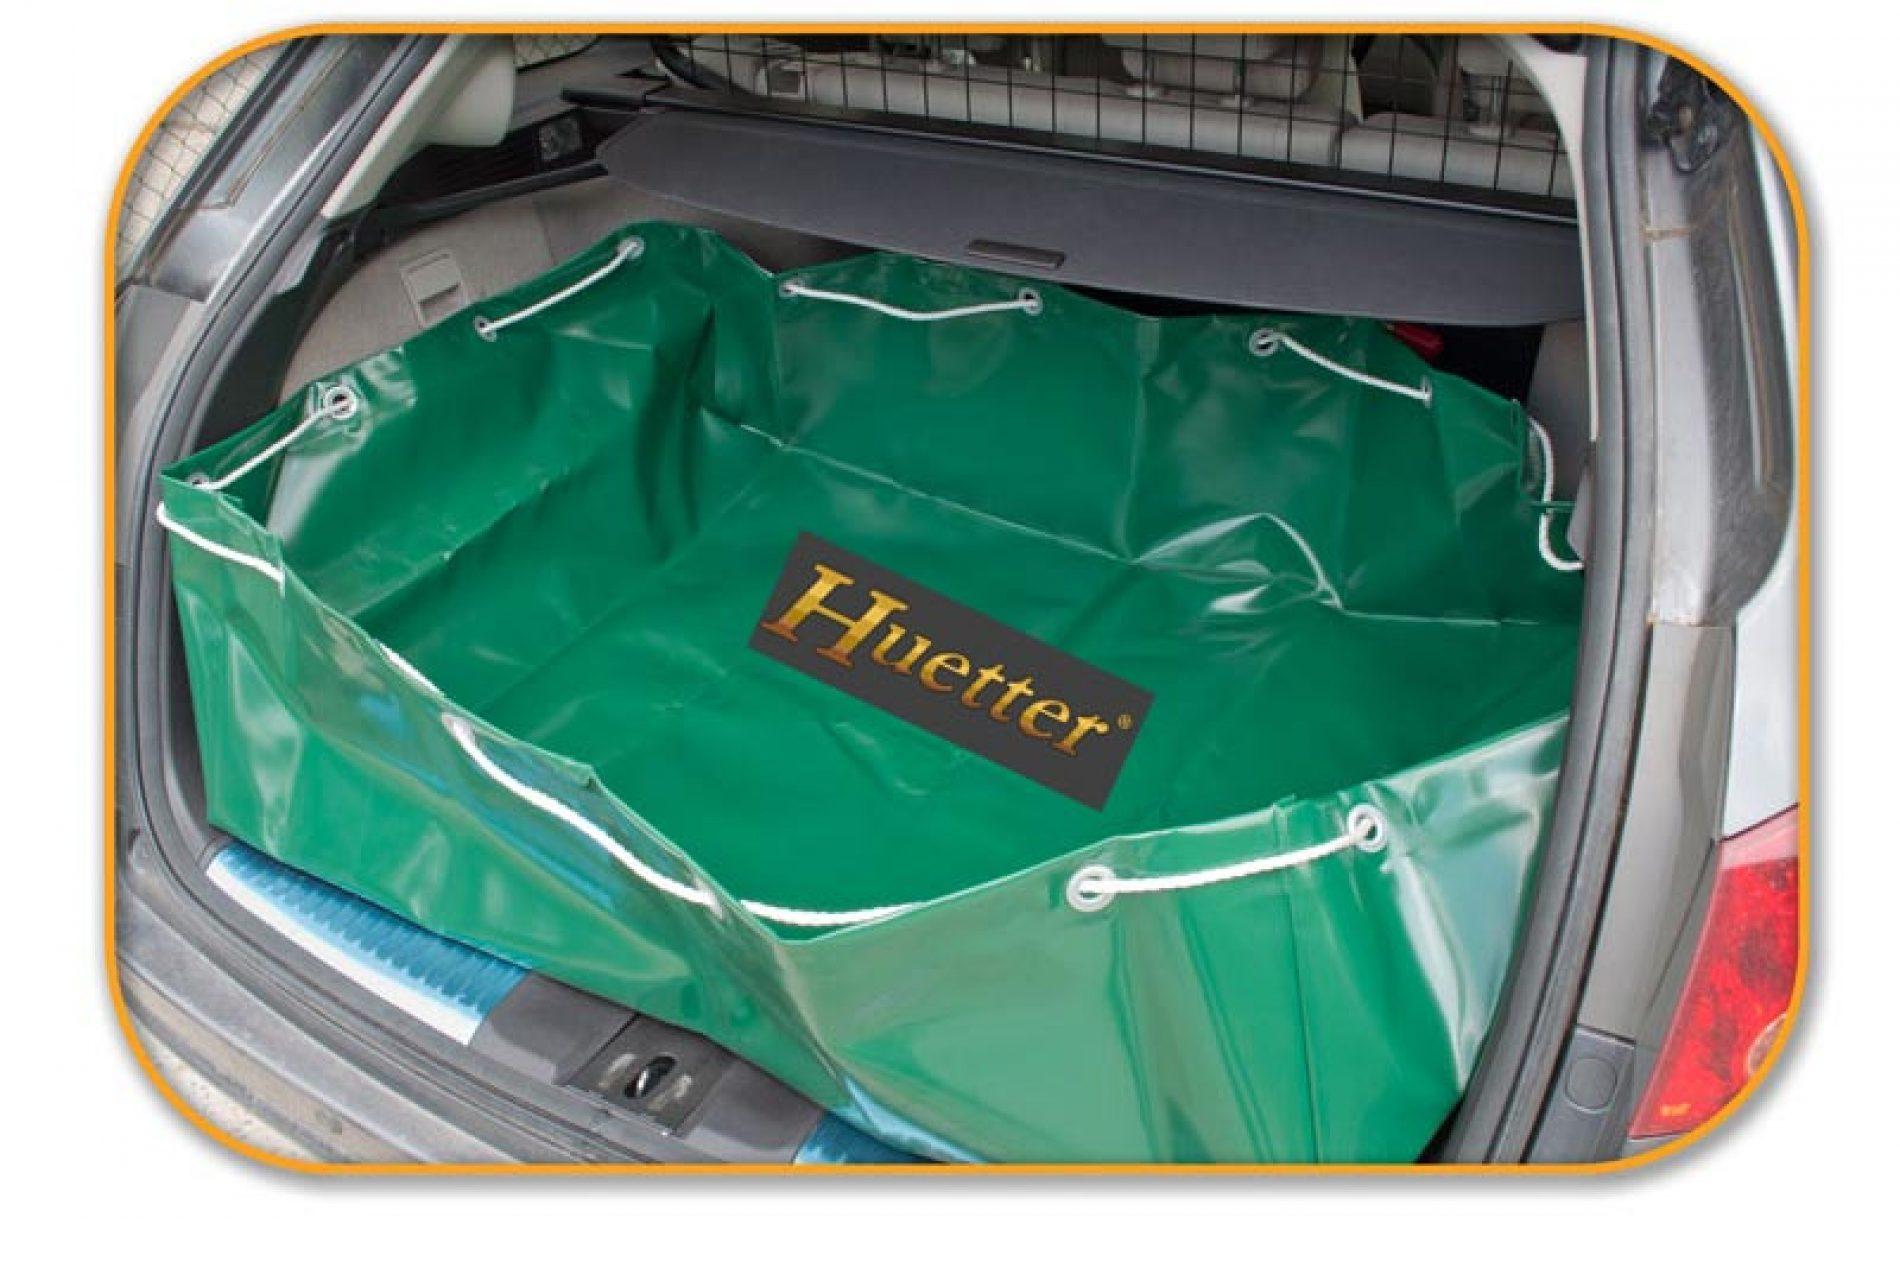 Huetter Sports presenta el 3-en-1 para el maletero del cazador, la bañera-saco-protector